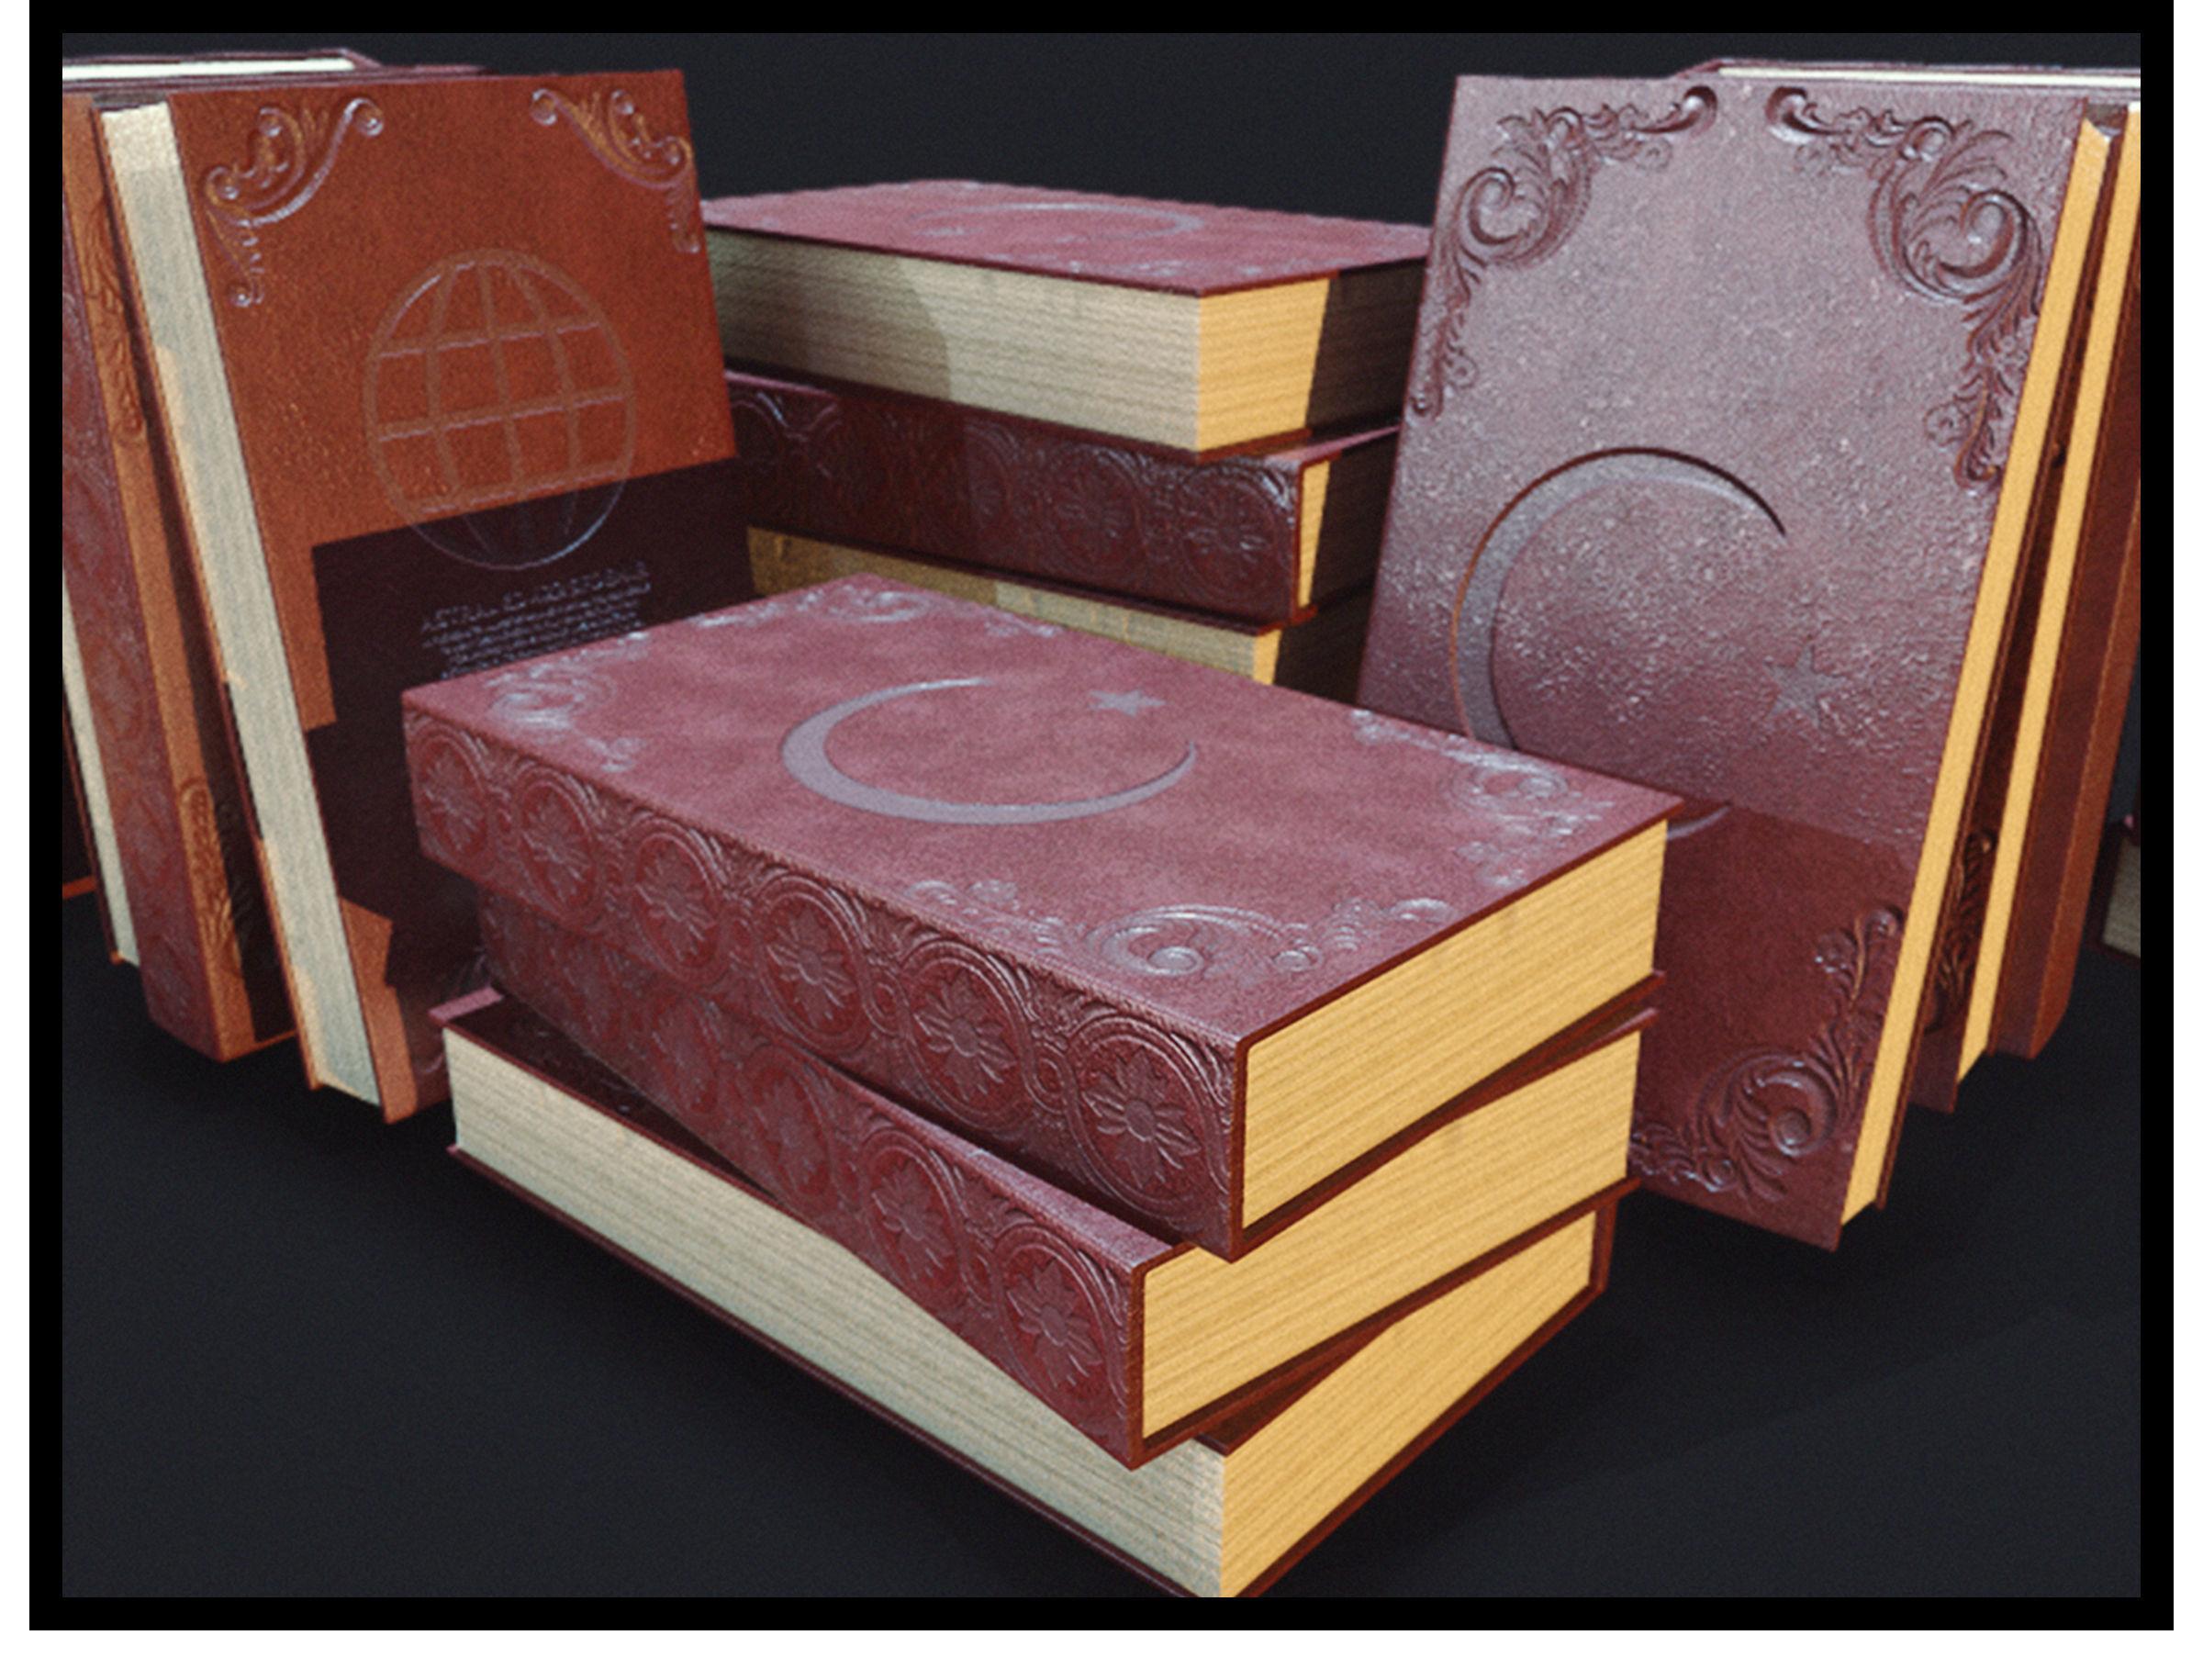 Turkish Old Book PBR